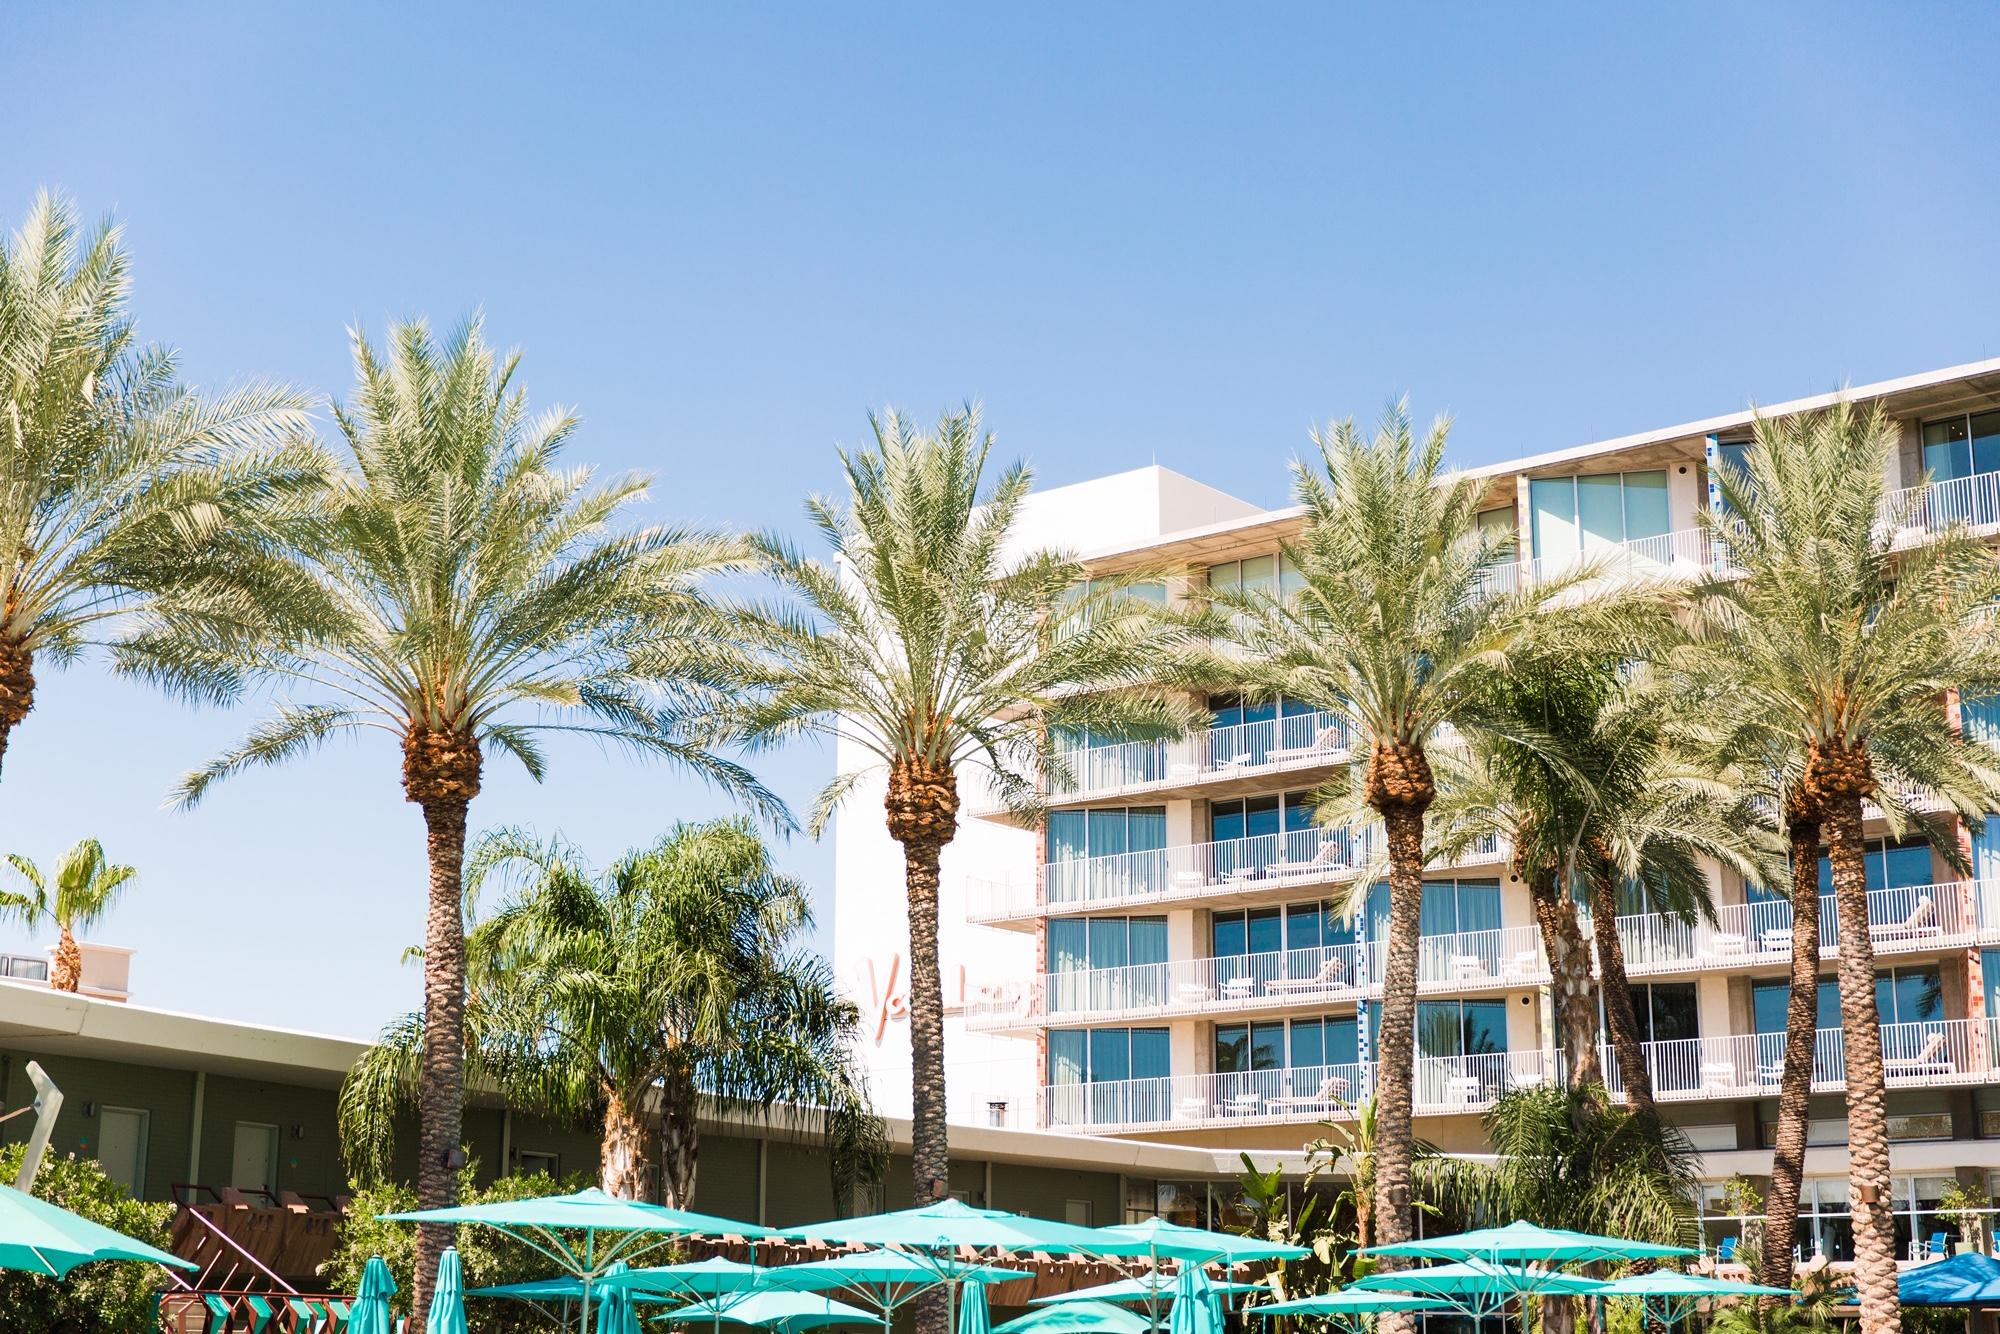 Hotel Valley Ho - Scottsdale, Arizona